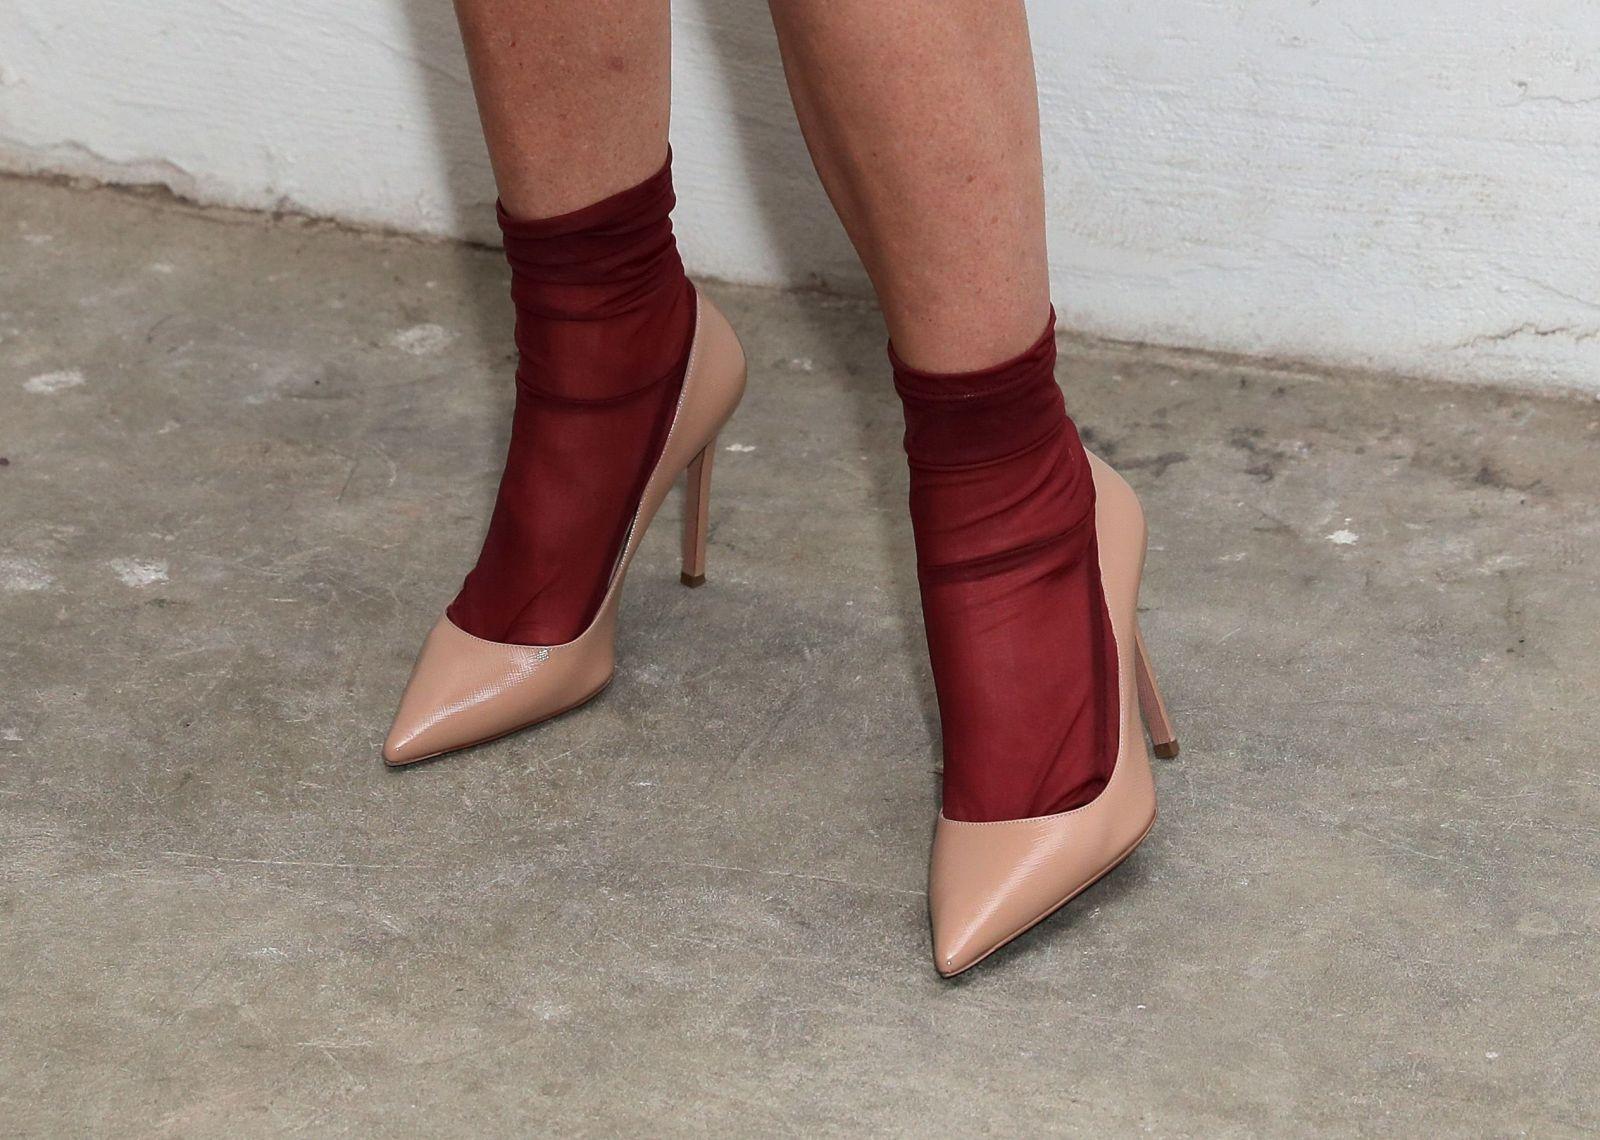 Сама изысканность: Деми Мур покоряет публику модным нарядом